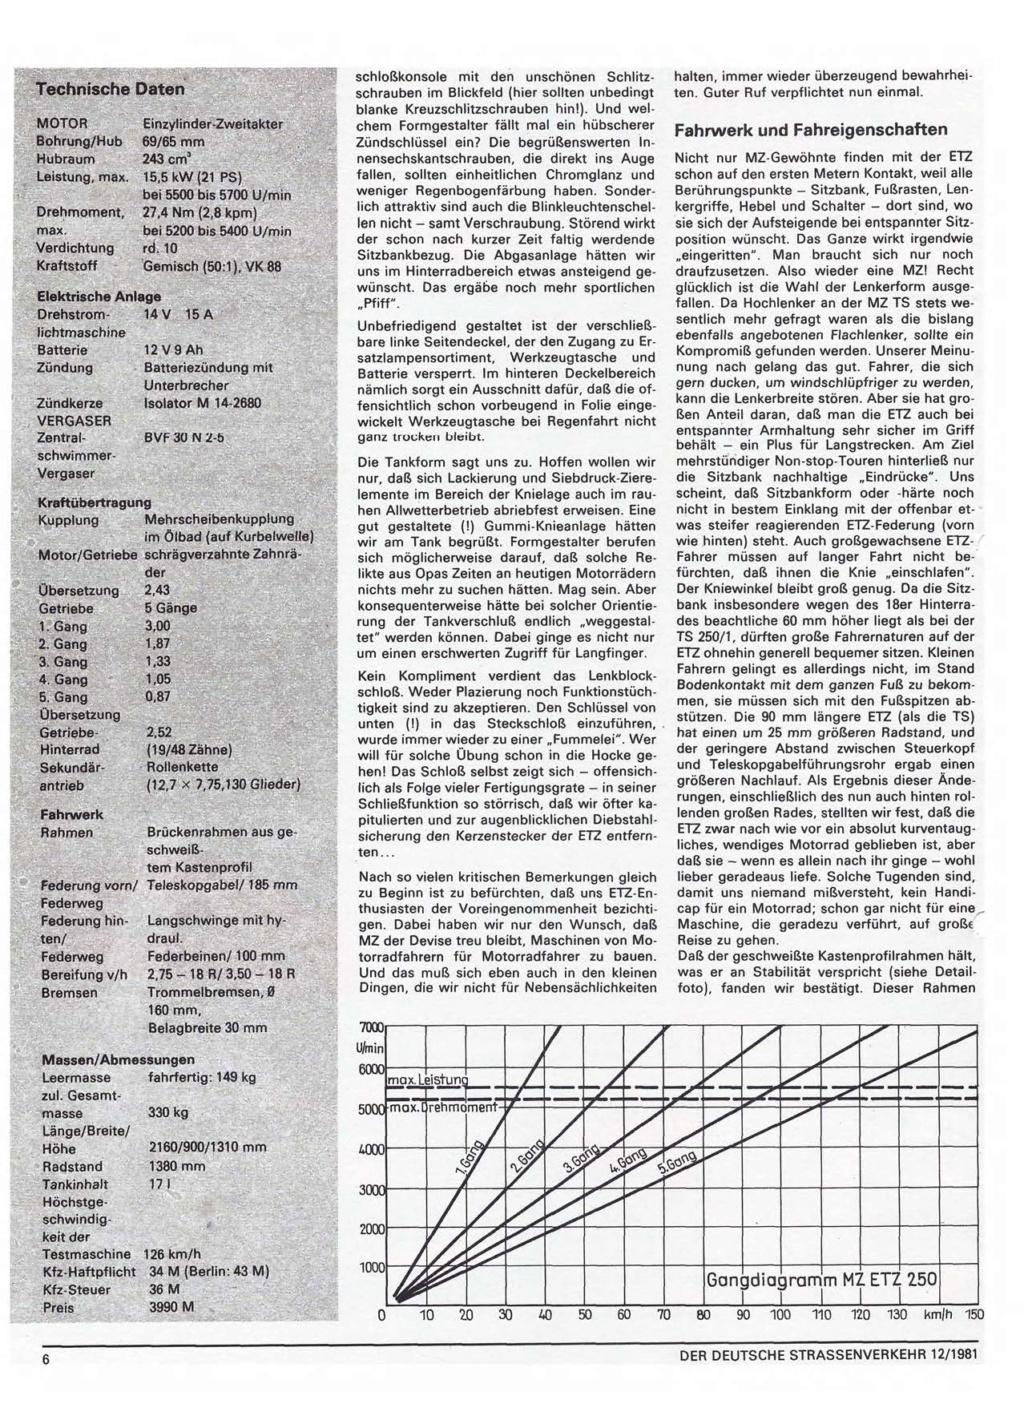 Test ETZ 250 Der deutsche Strassenverkehr, n° 12/1981) Der-de14